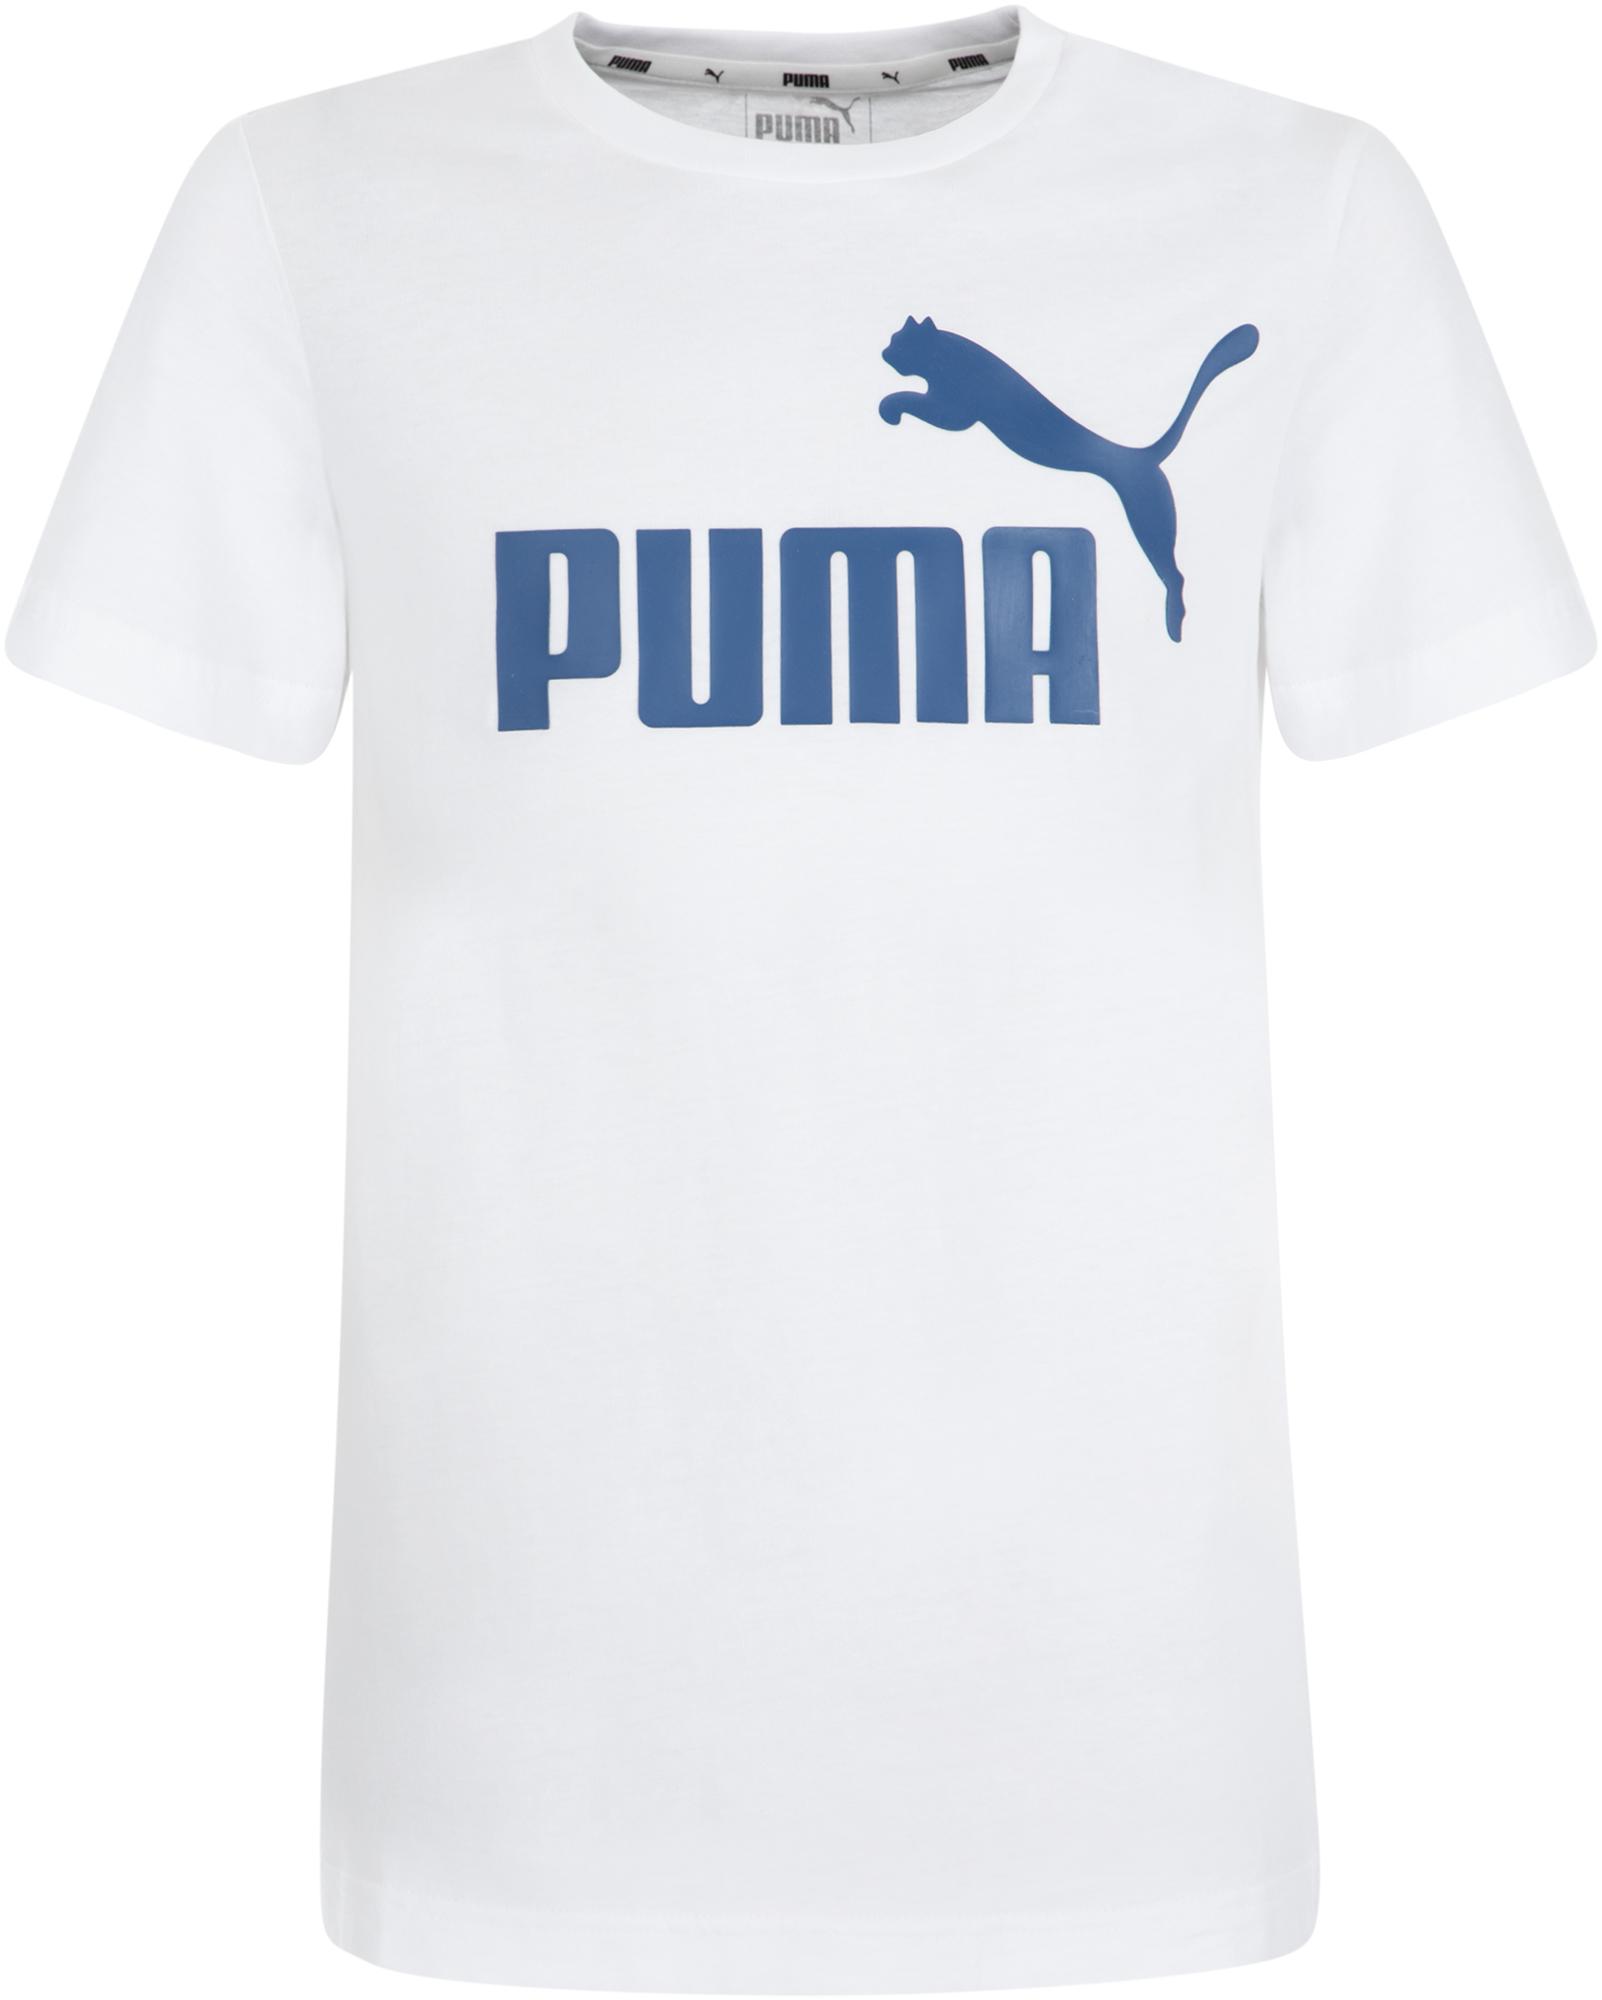 Puma Футболка для мальчиков Puma ESS Logo Tee B, размер 176 недорго, оригинальная цена